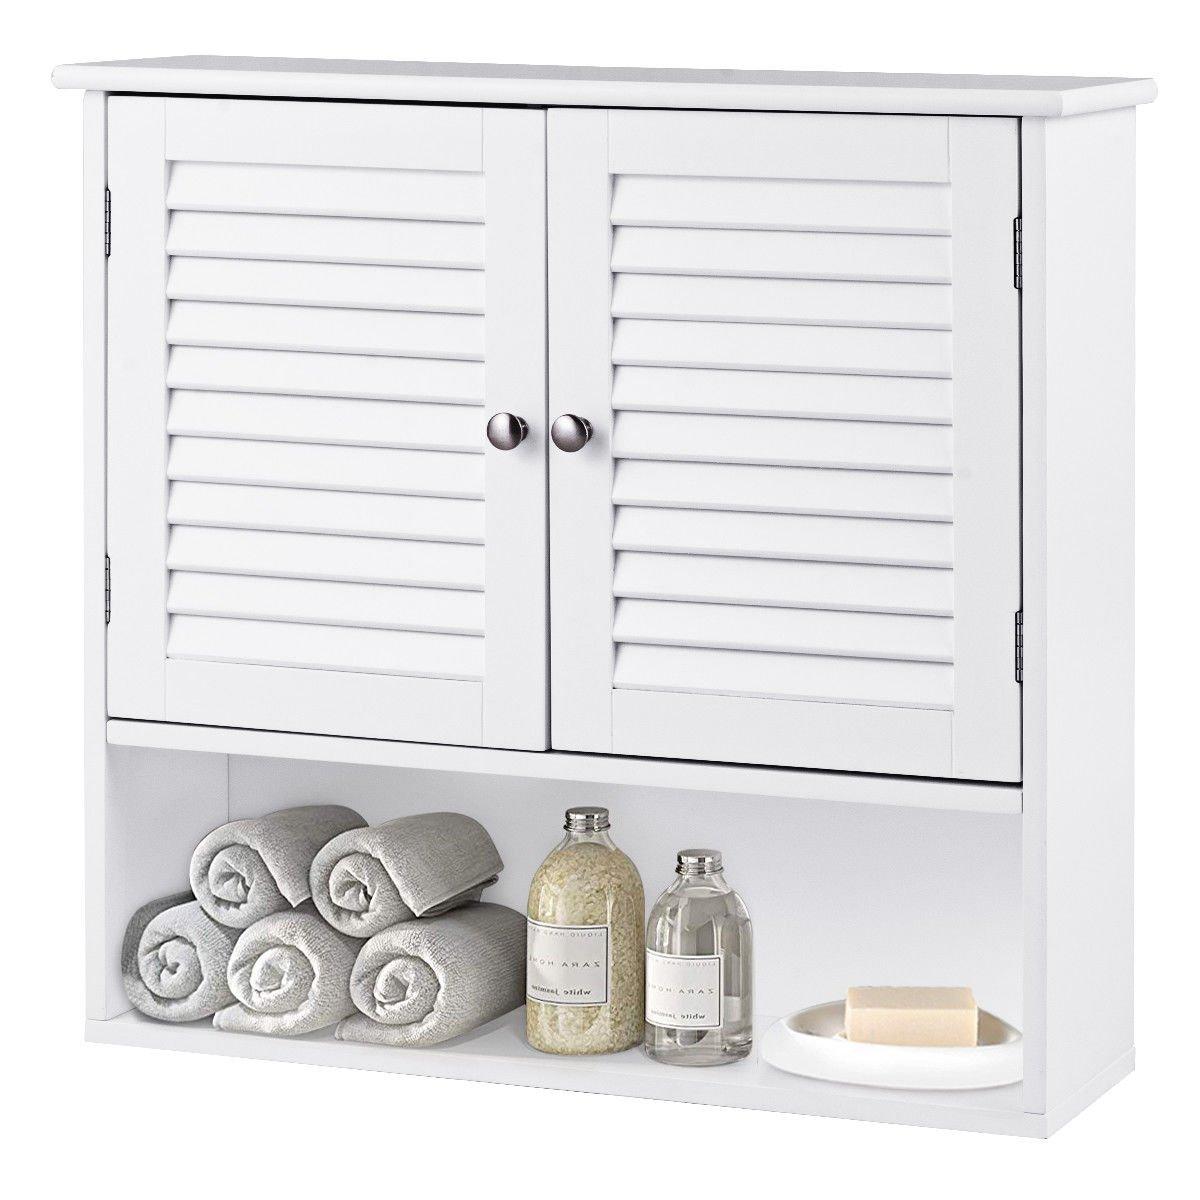 17+ 8 inch wide bathroom storage cabinet best